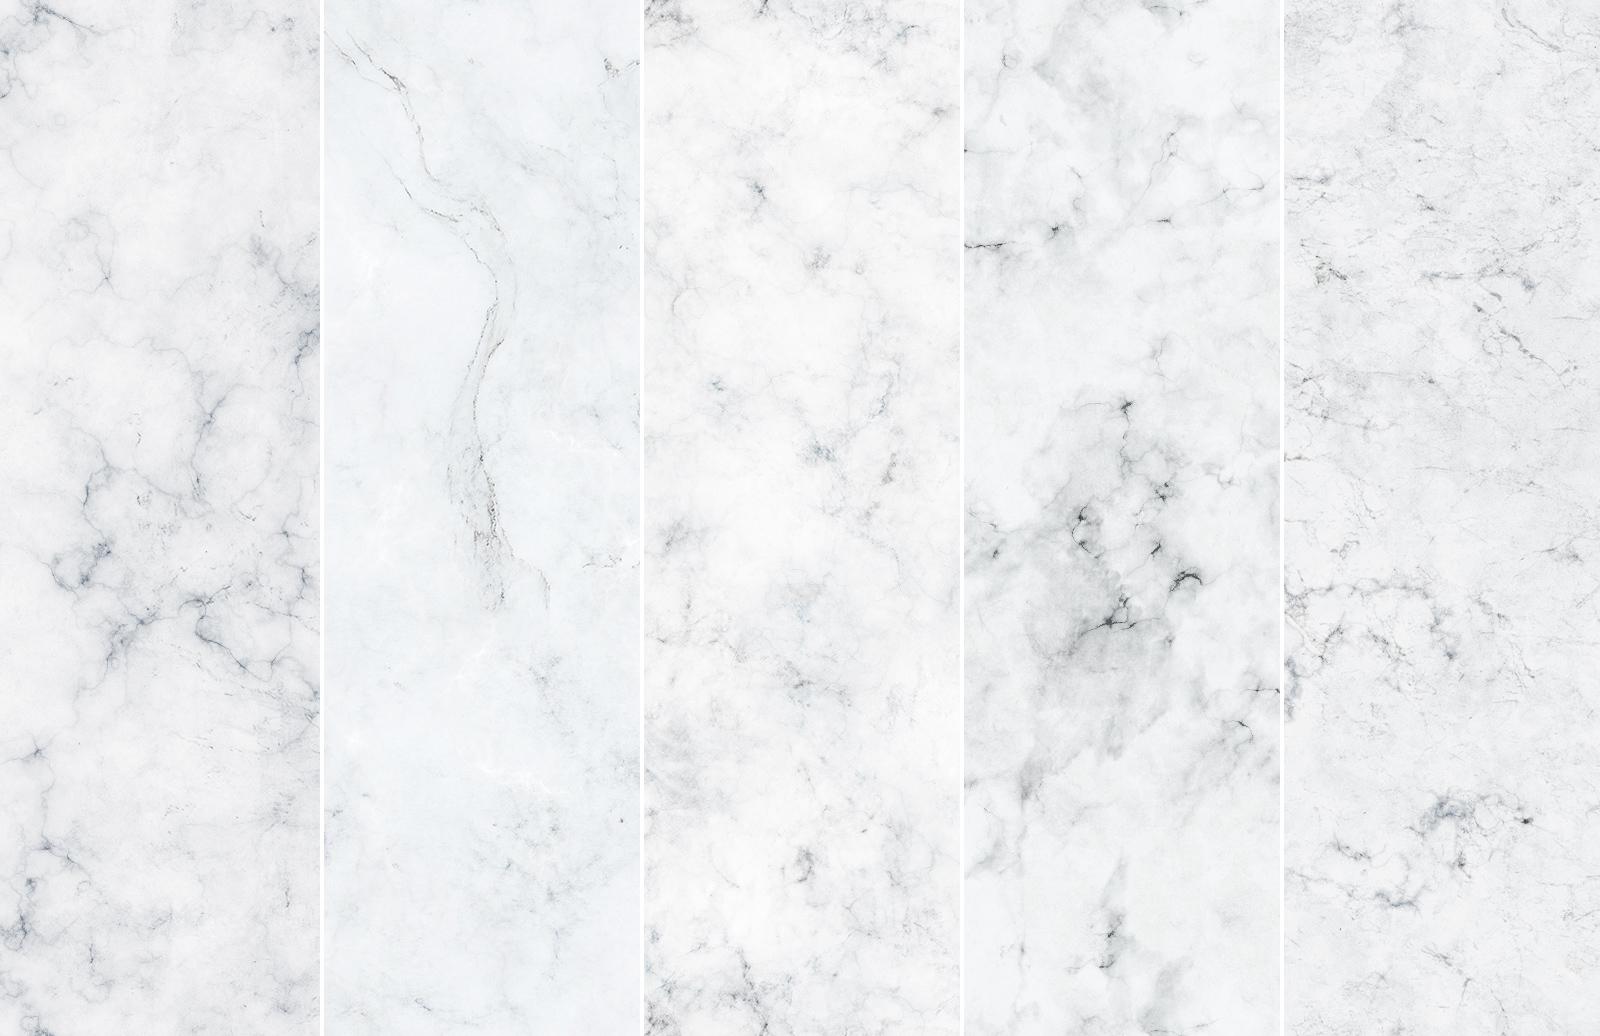 Seamless White Marble Textures 2